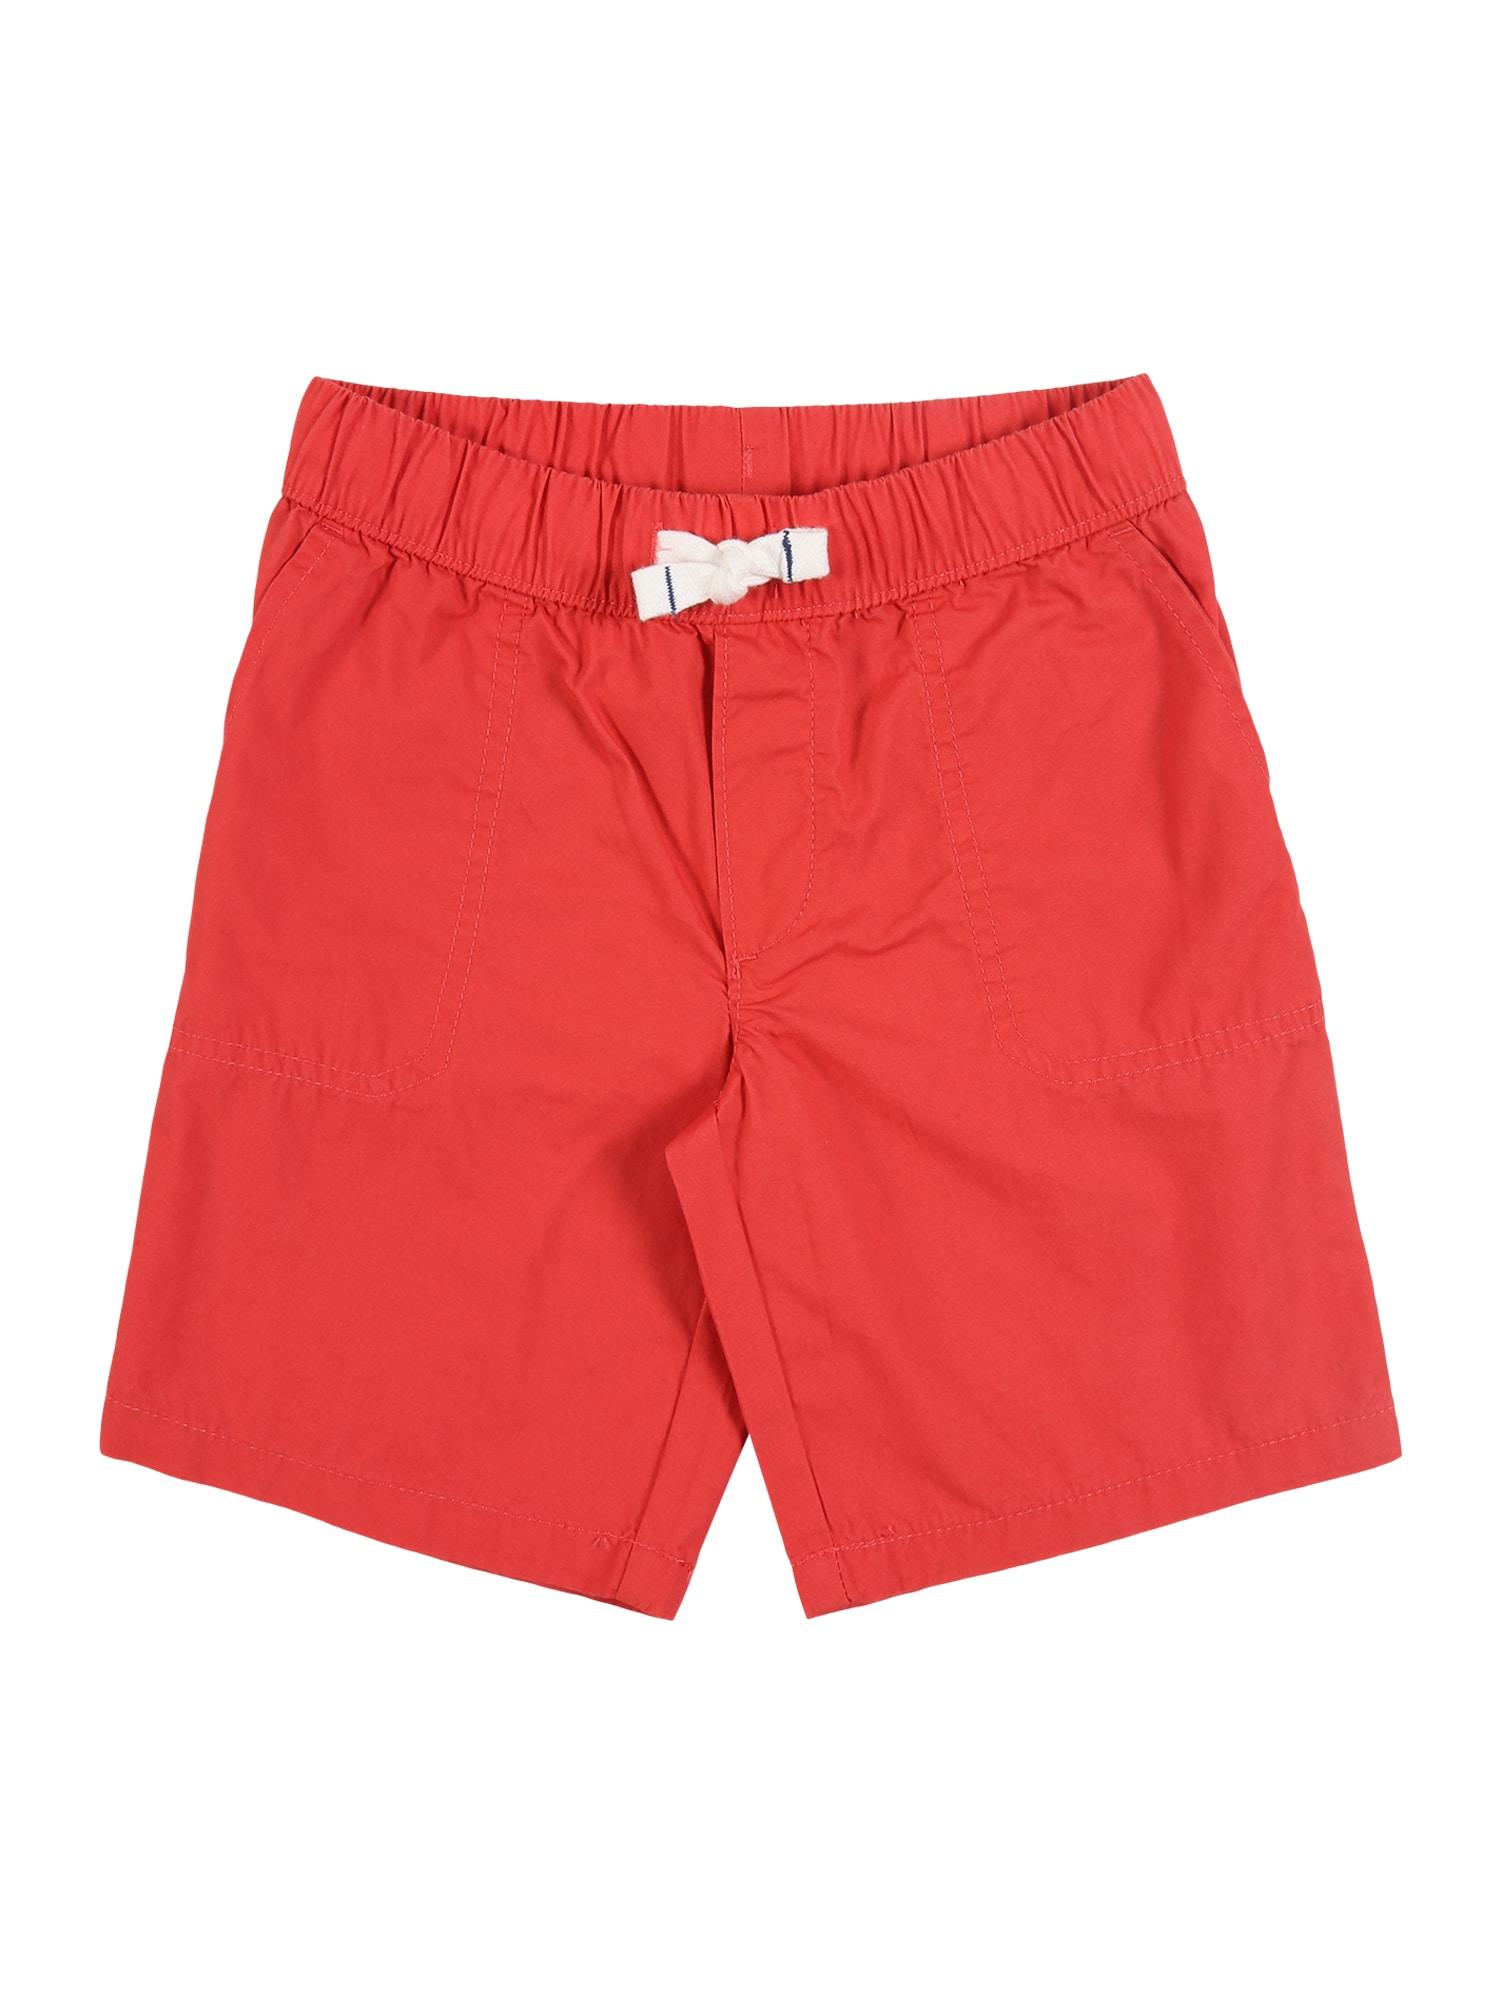 Carter's Kelnės 'S20 red op wov short' raudona